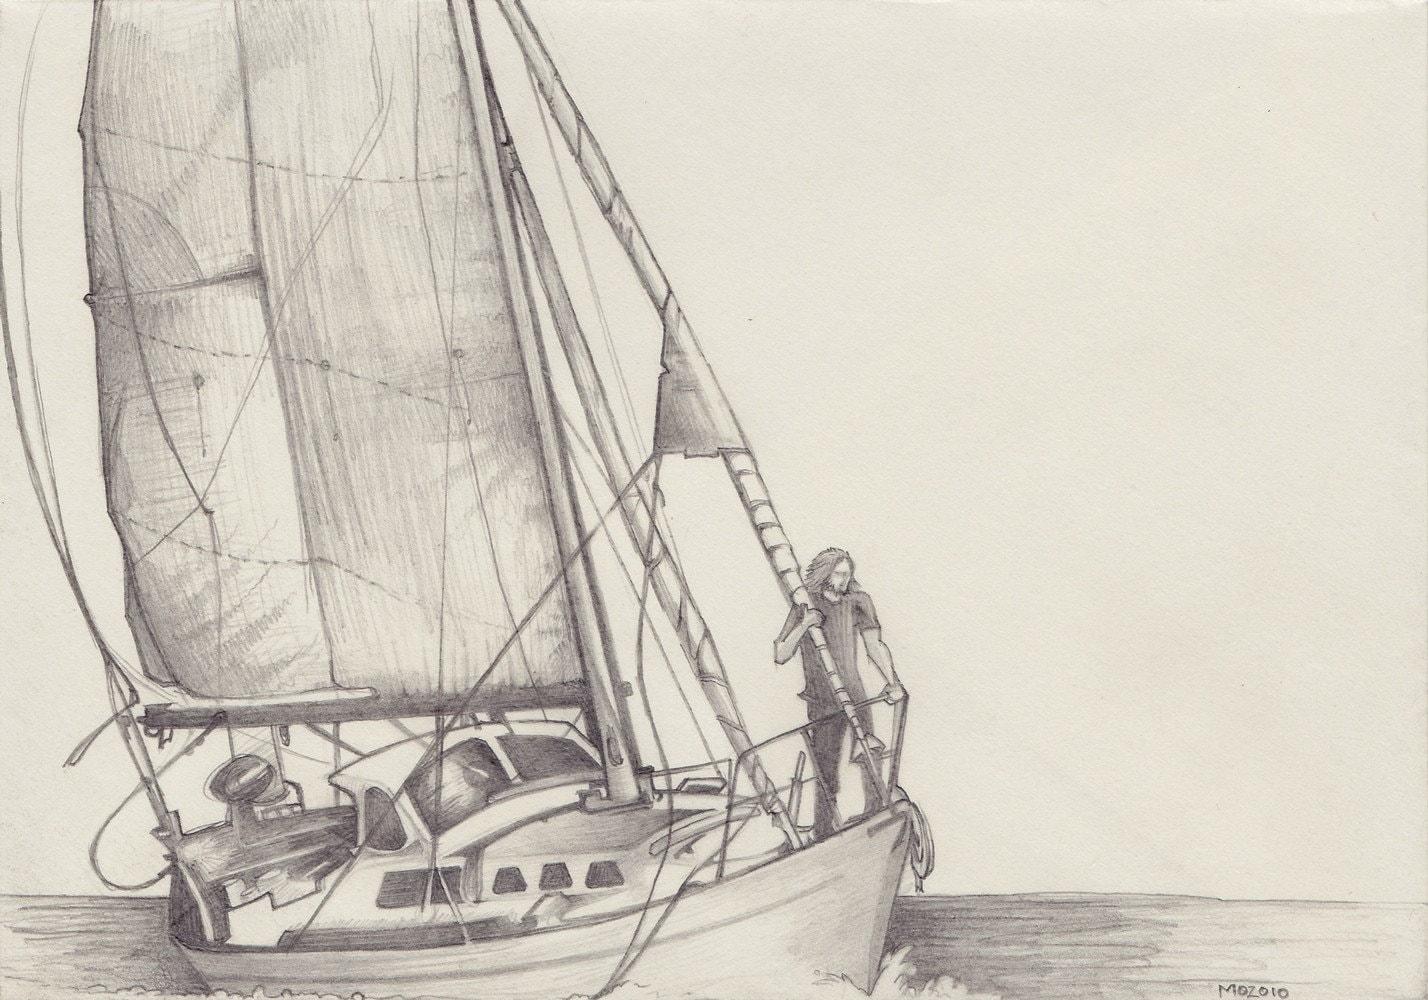 Sailboat Drawing on Envelope